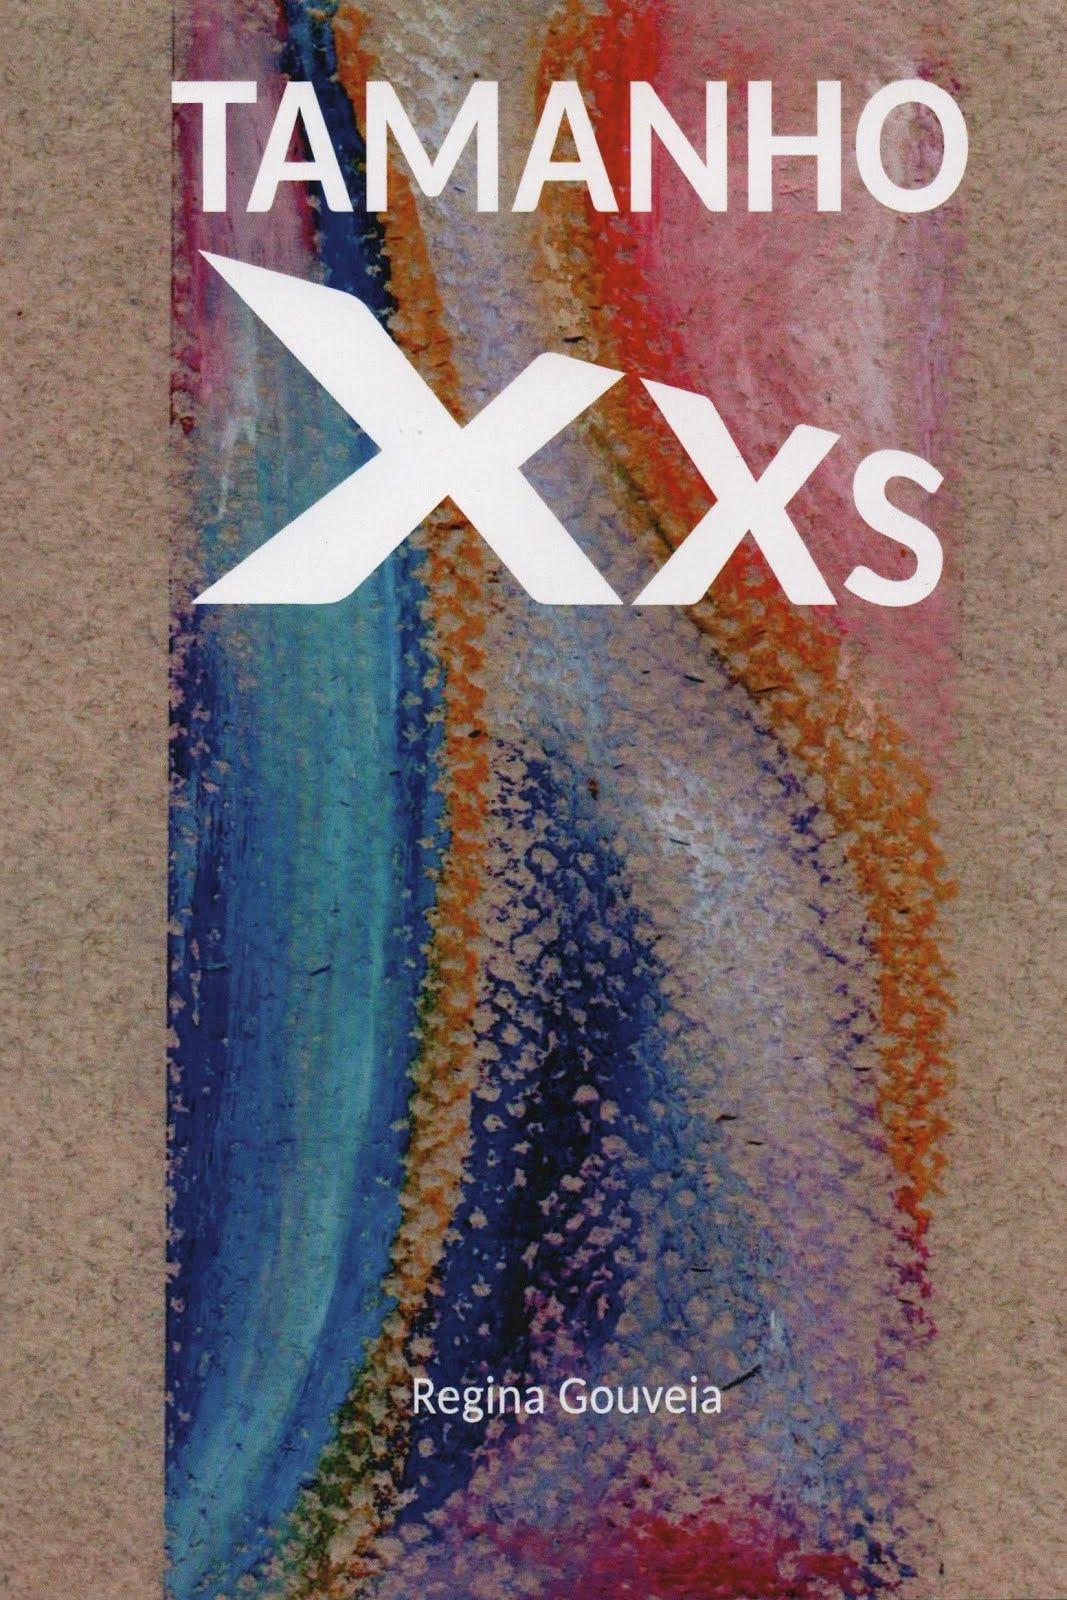 Tamanho XXS